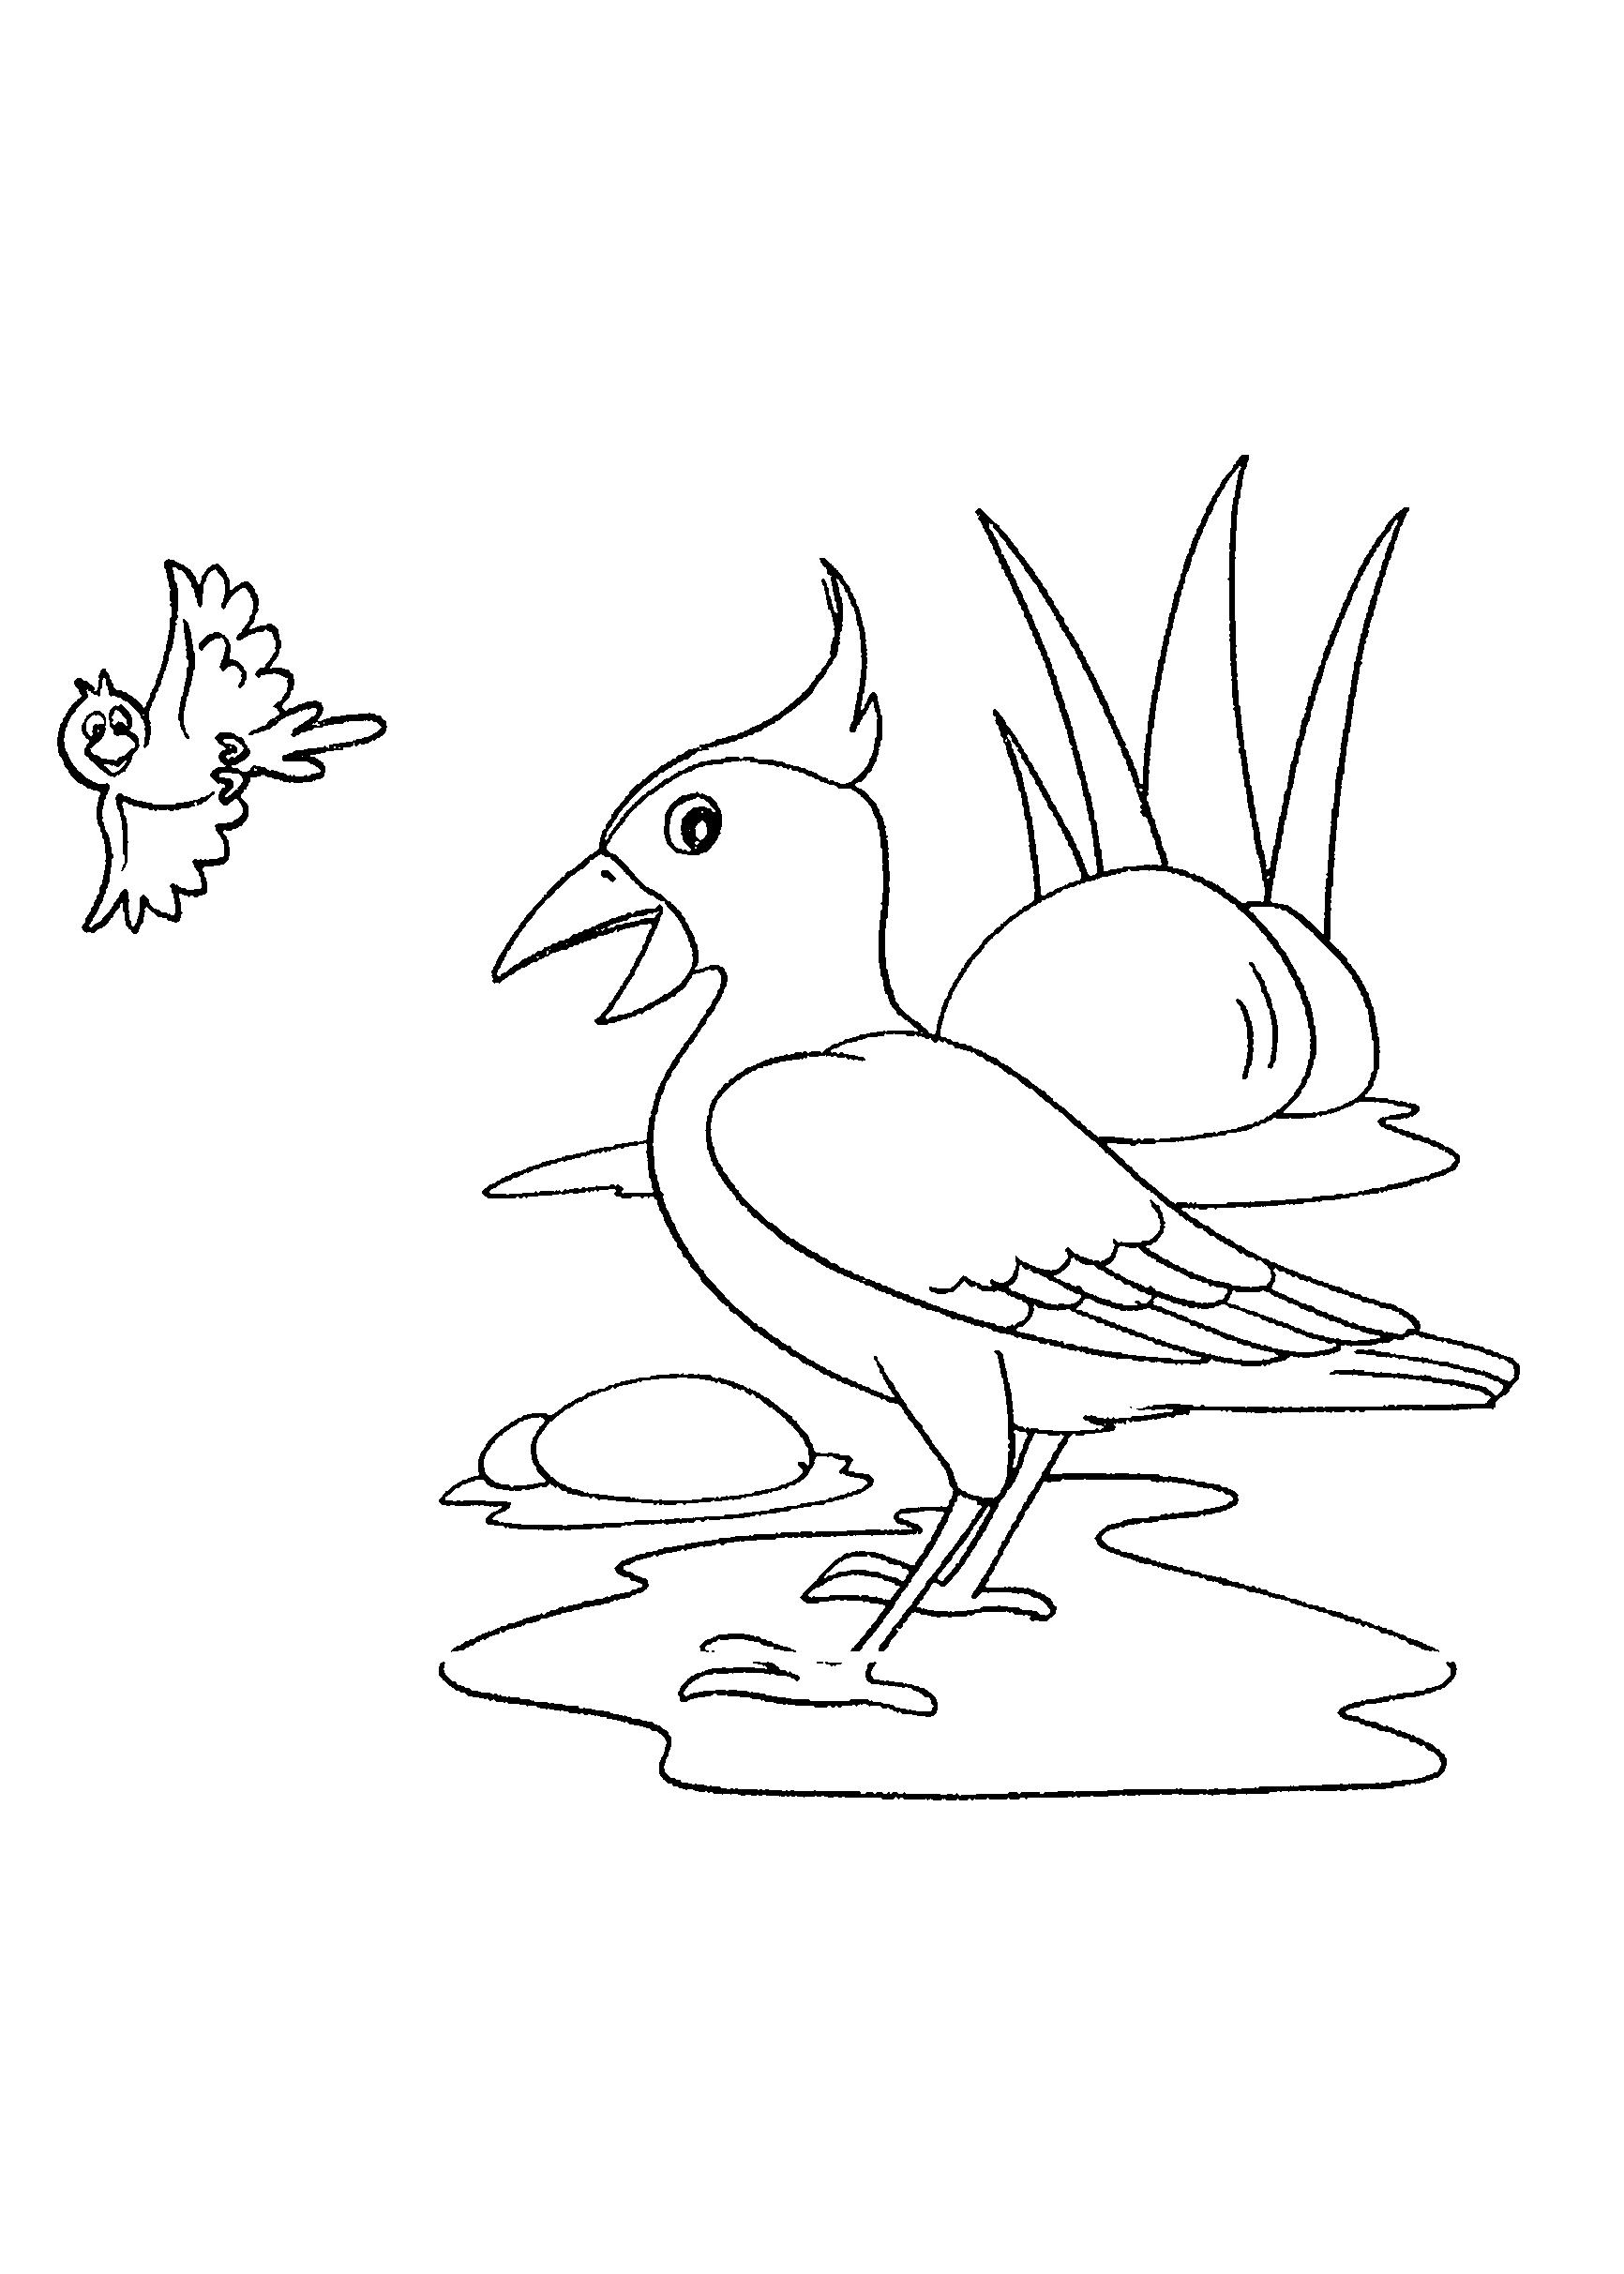 Desenho de pássaro na água